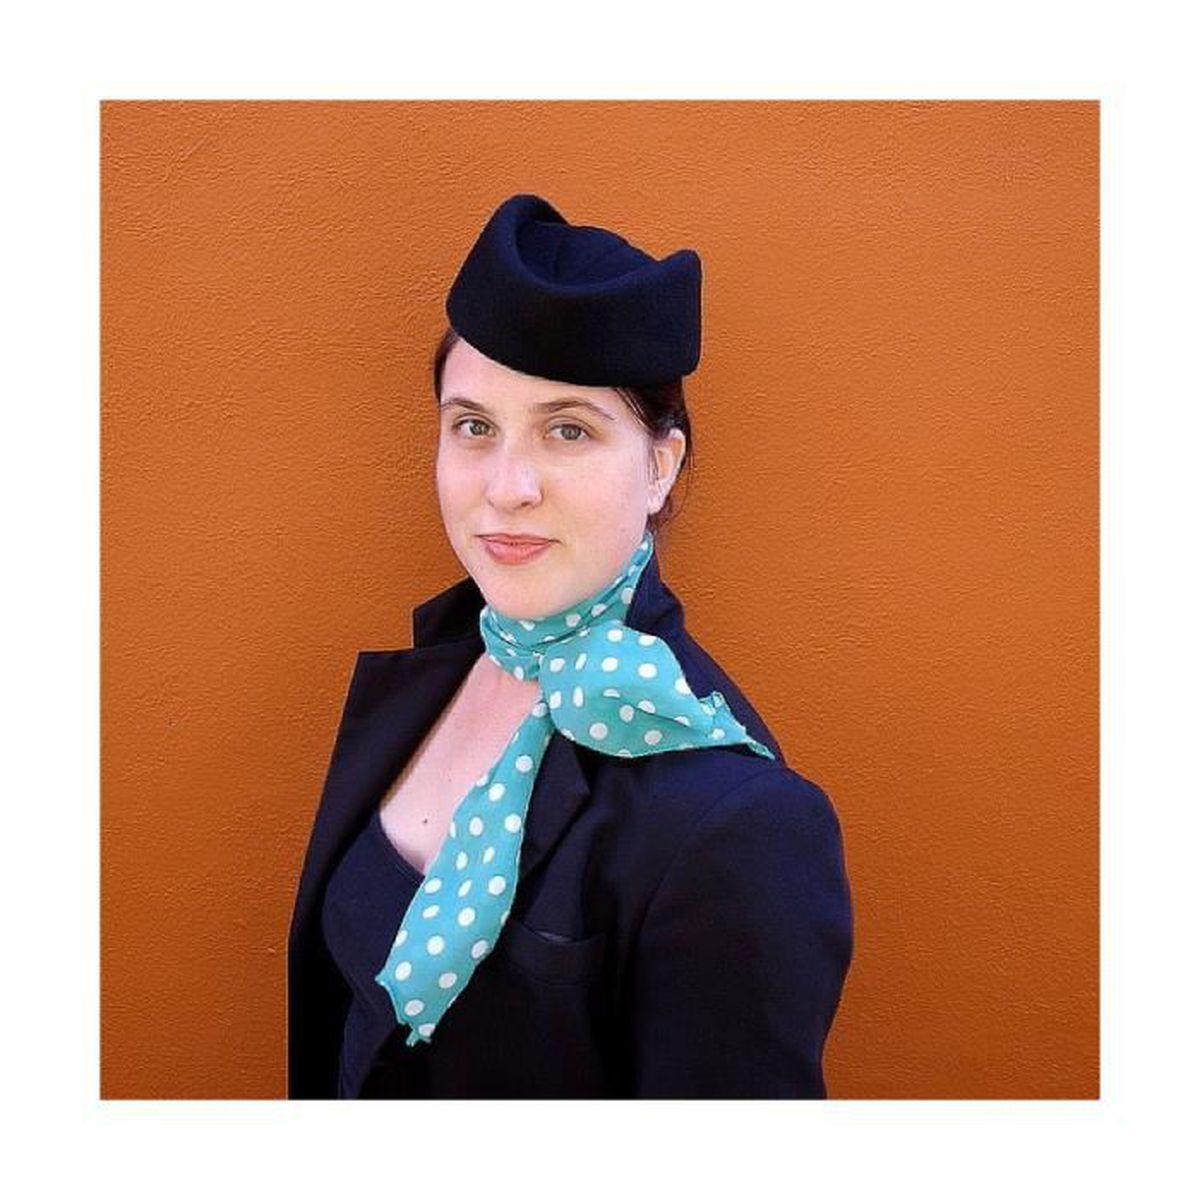 Chapeau Calot Hotesse De L Air Bleu Marine Achat Vente Chapeau